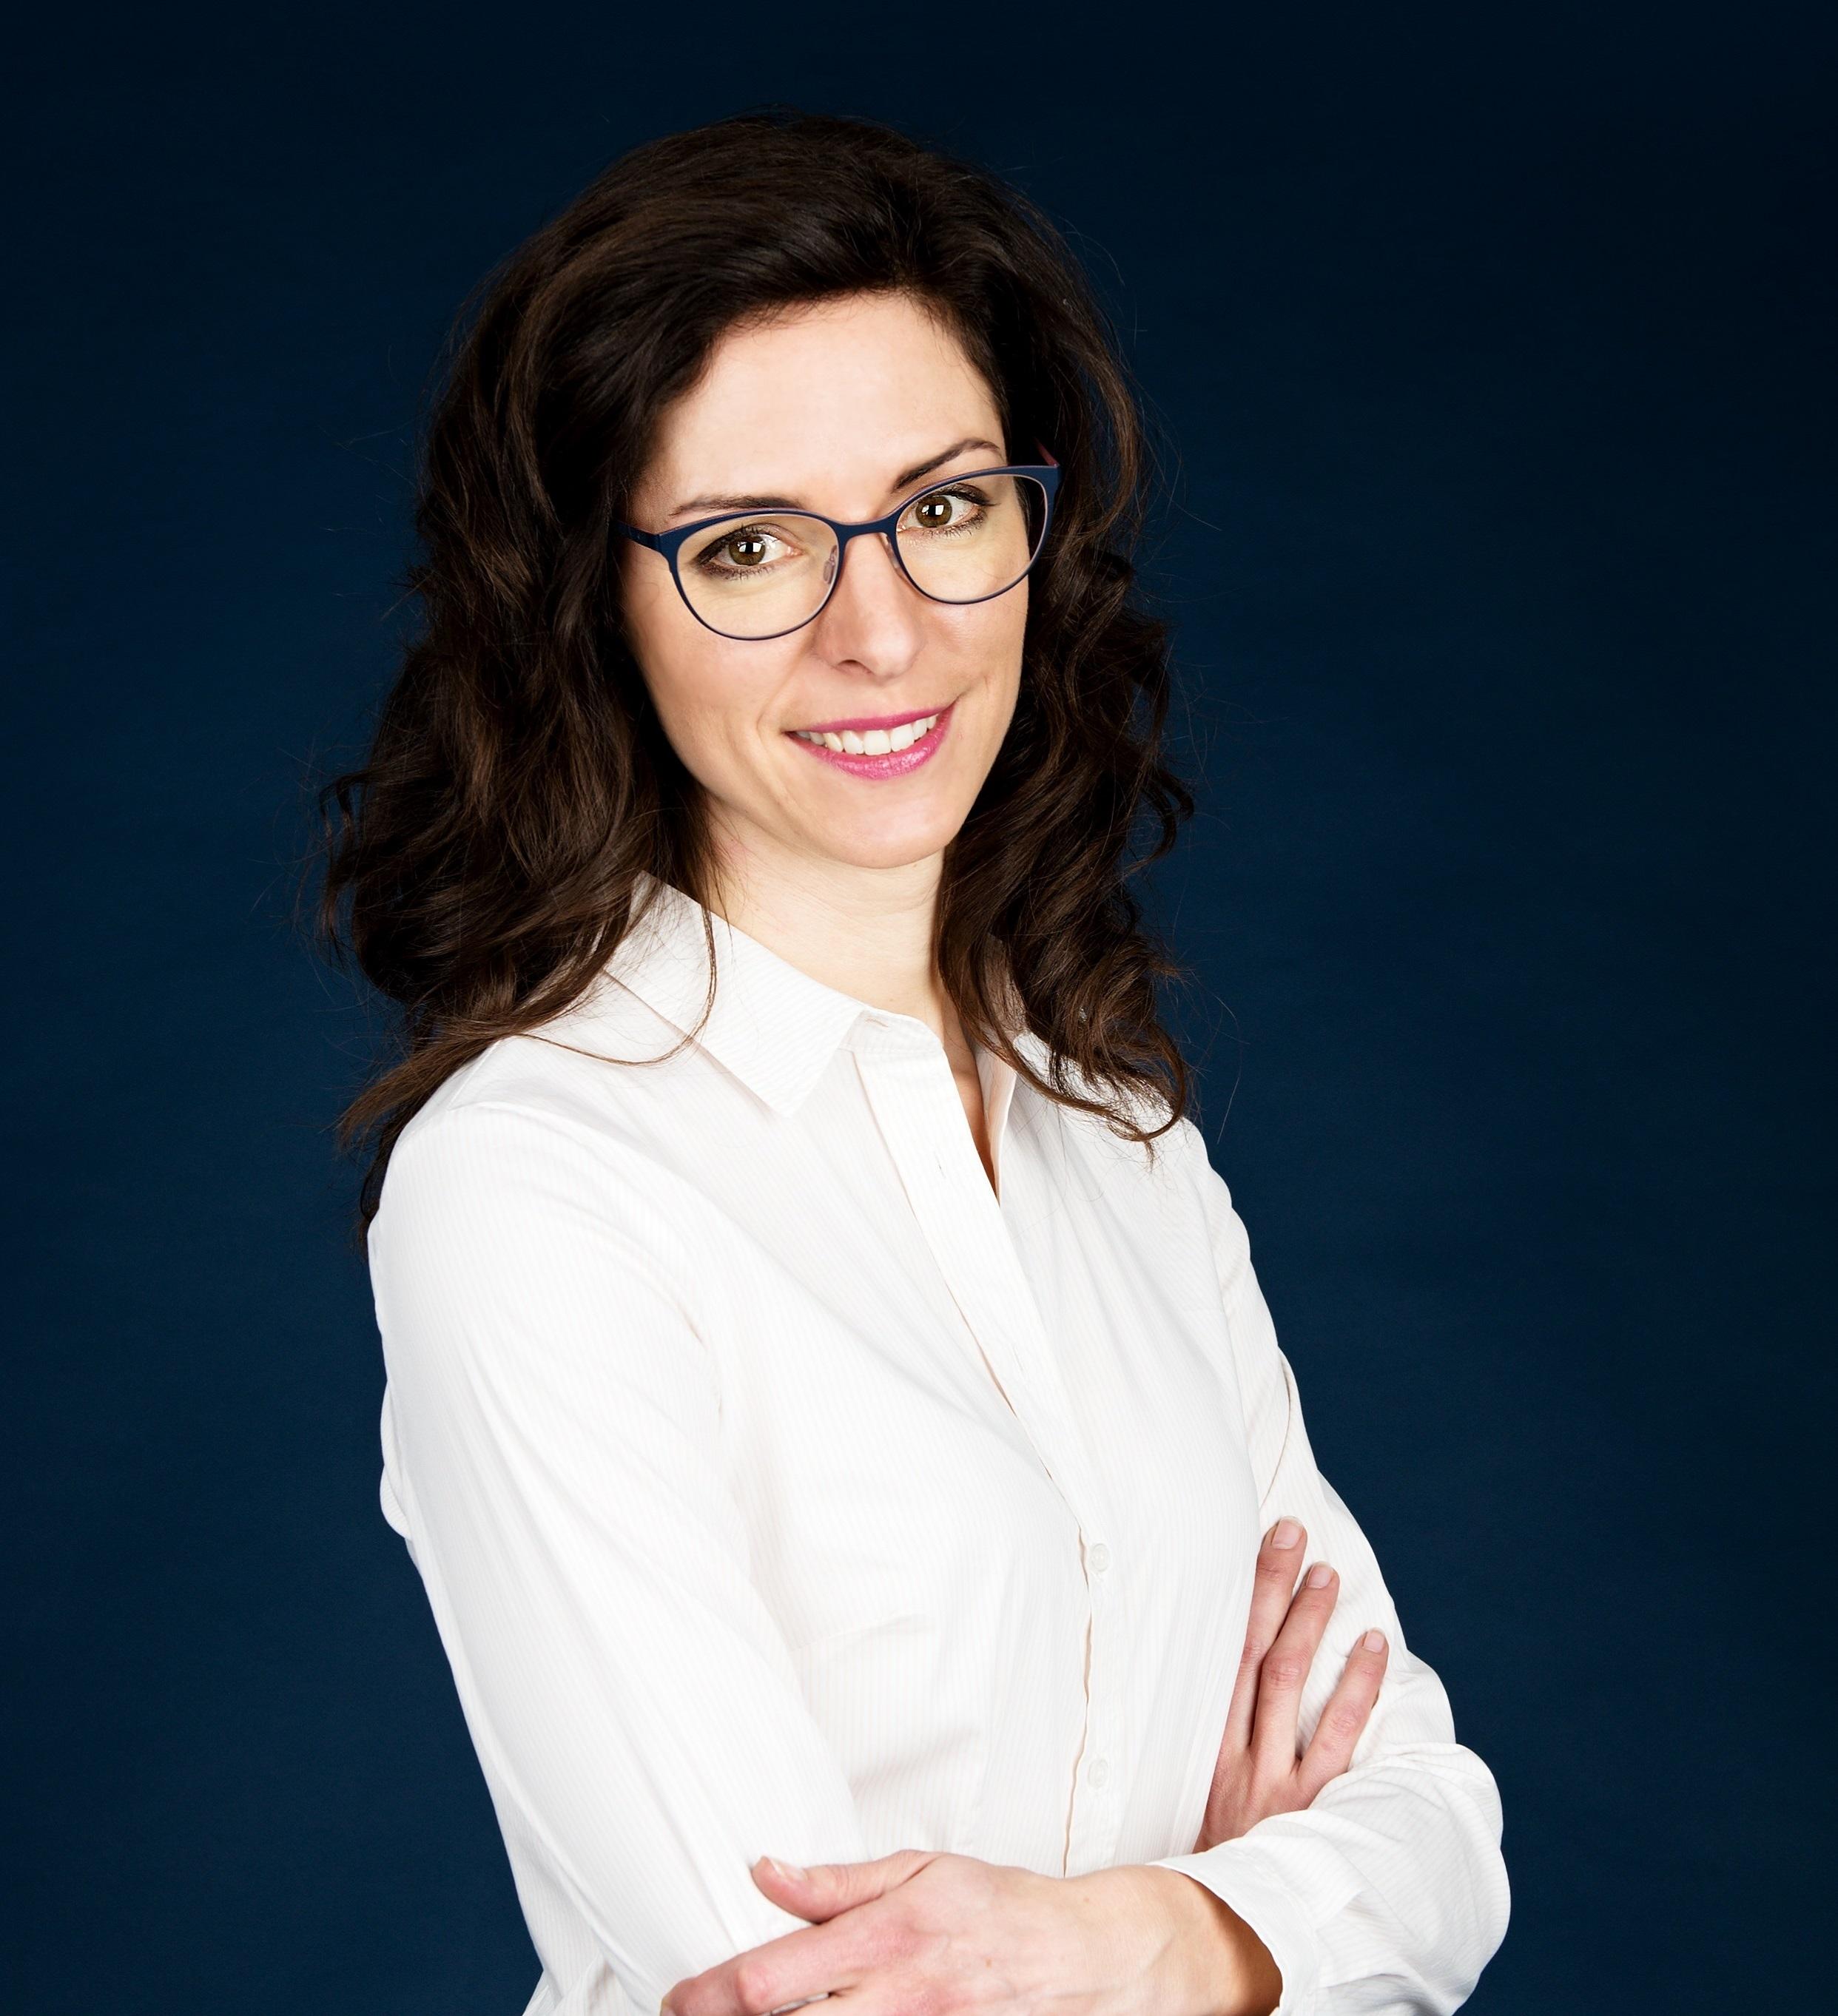 Bc. Edita Řezáčová